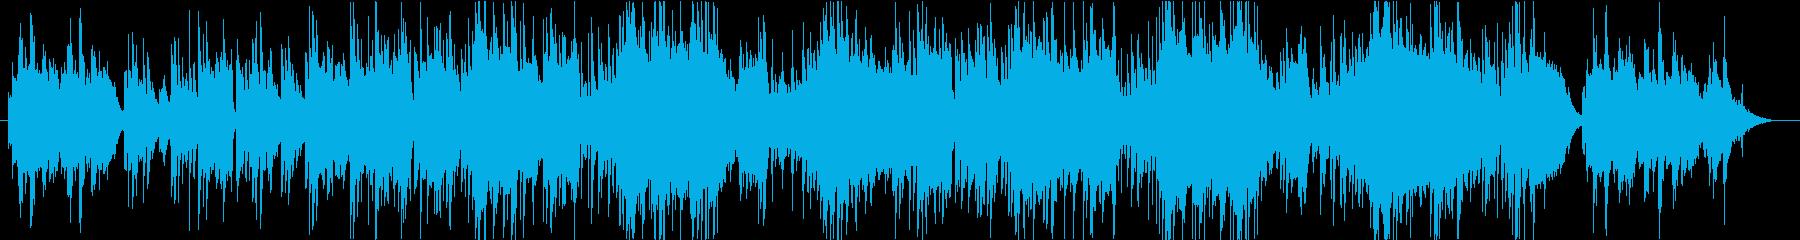 ピアノとストリングスの明るいワルツの再生済みの波形